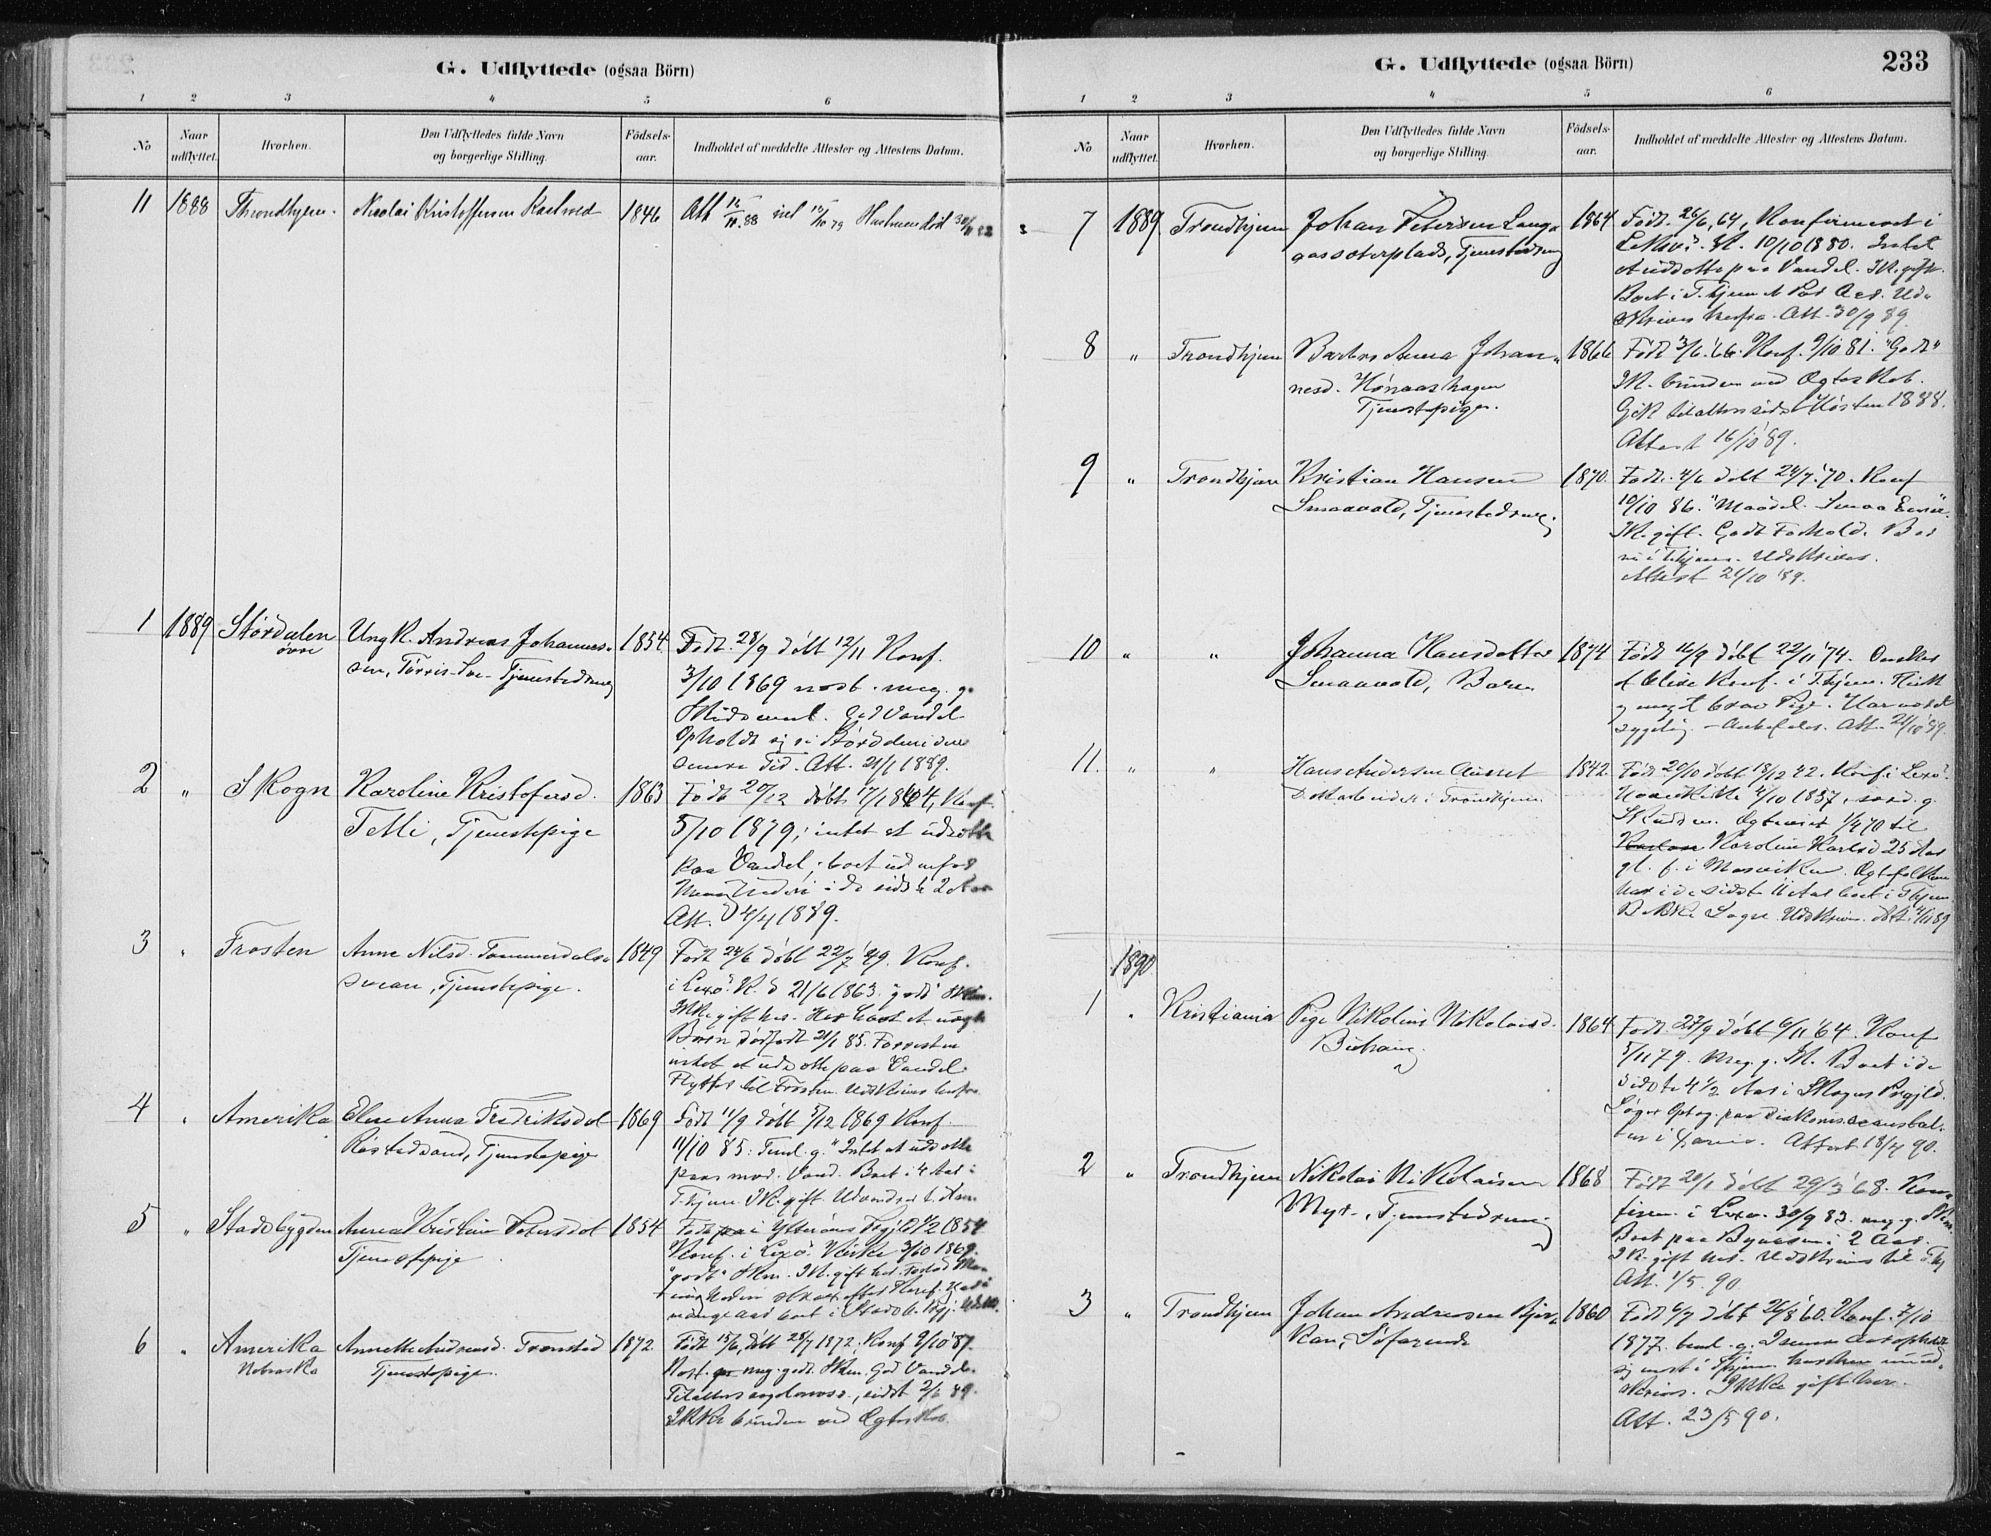 SAT, Ministerialprotokoller, klokkerbøker og fødselsregistre - Nord-Trøndelag, 701/L0010: Ministerialbok nr. 701A10, 1883-1899, s. 233